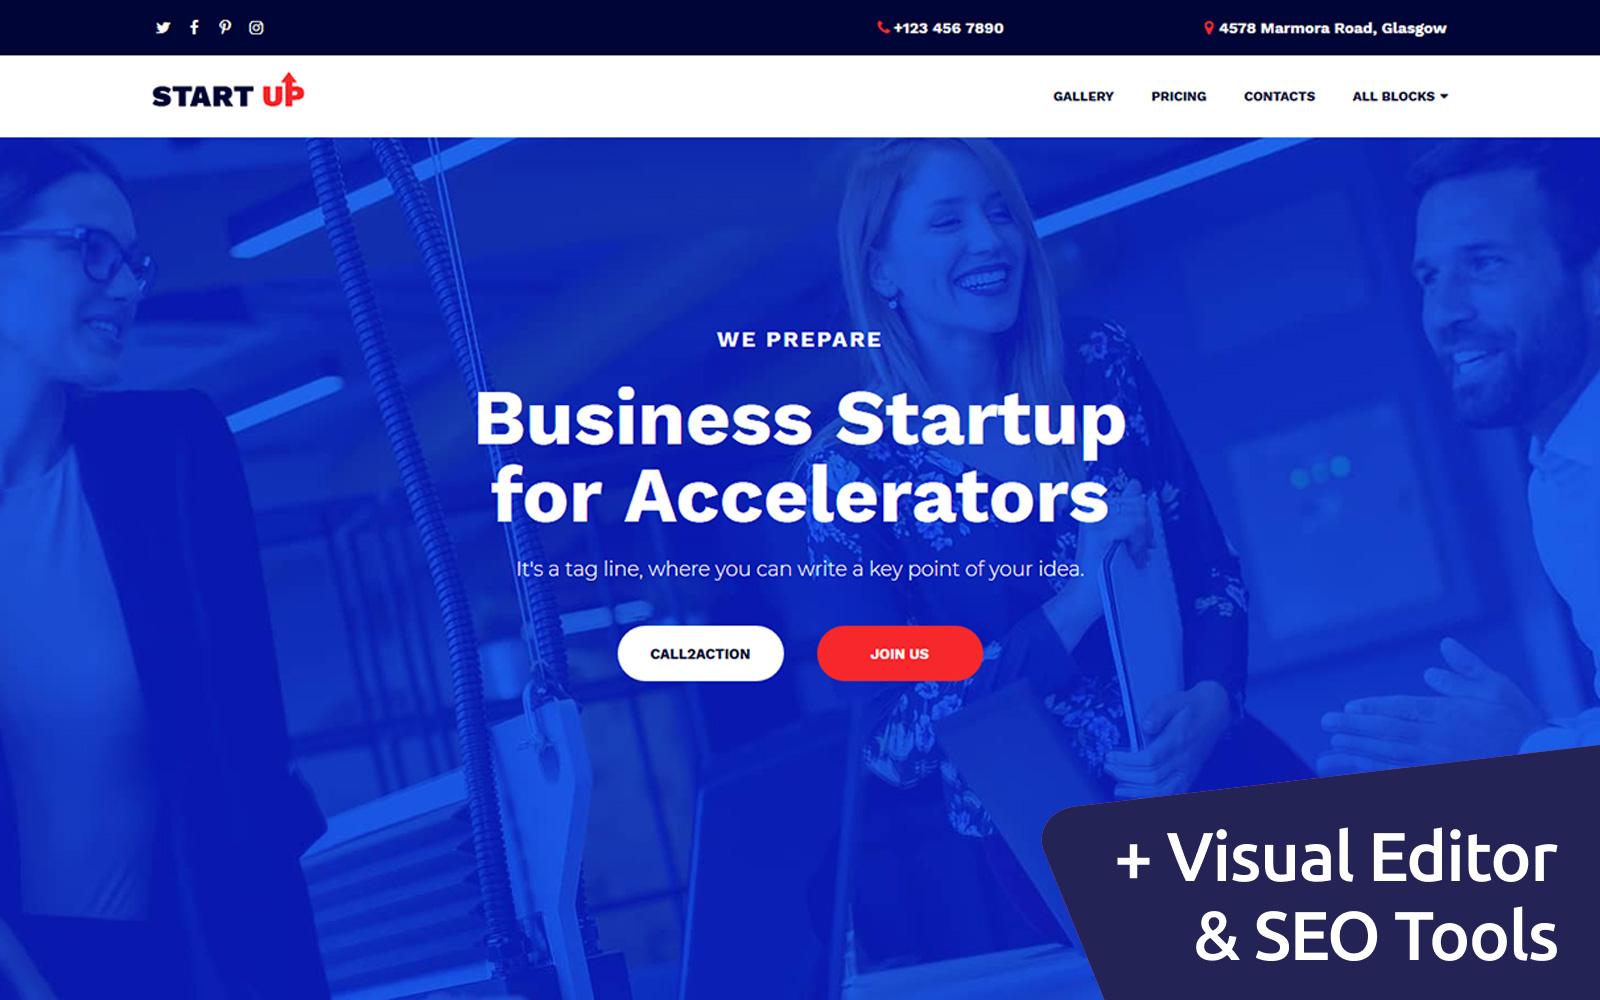 Startup Companies & Accelerators Nyítóoldal sablon 102890